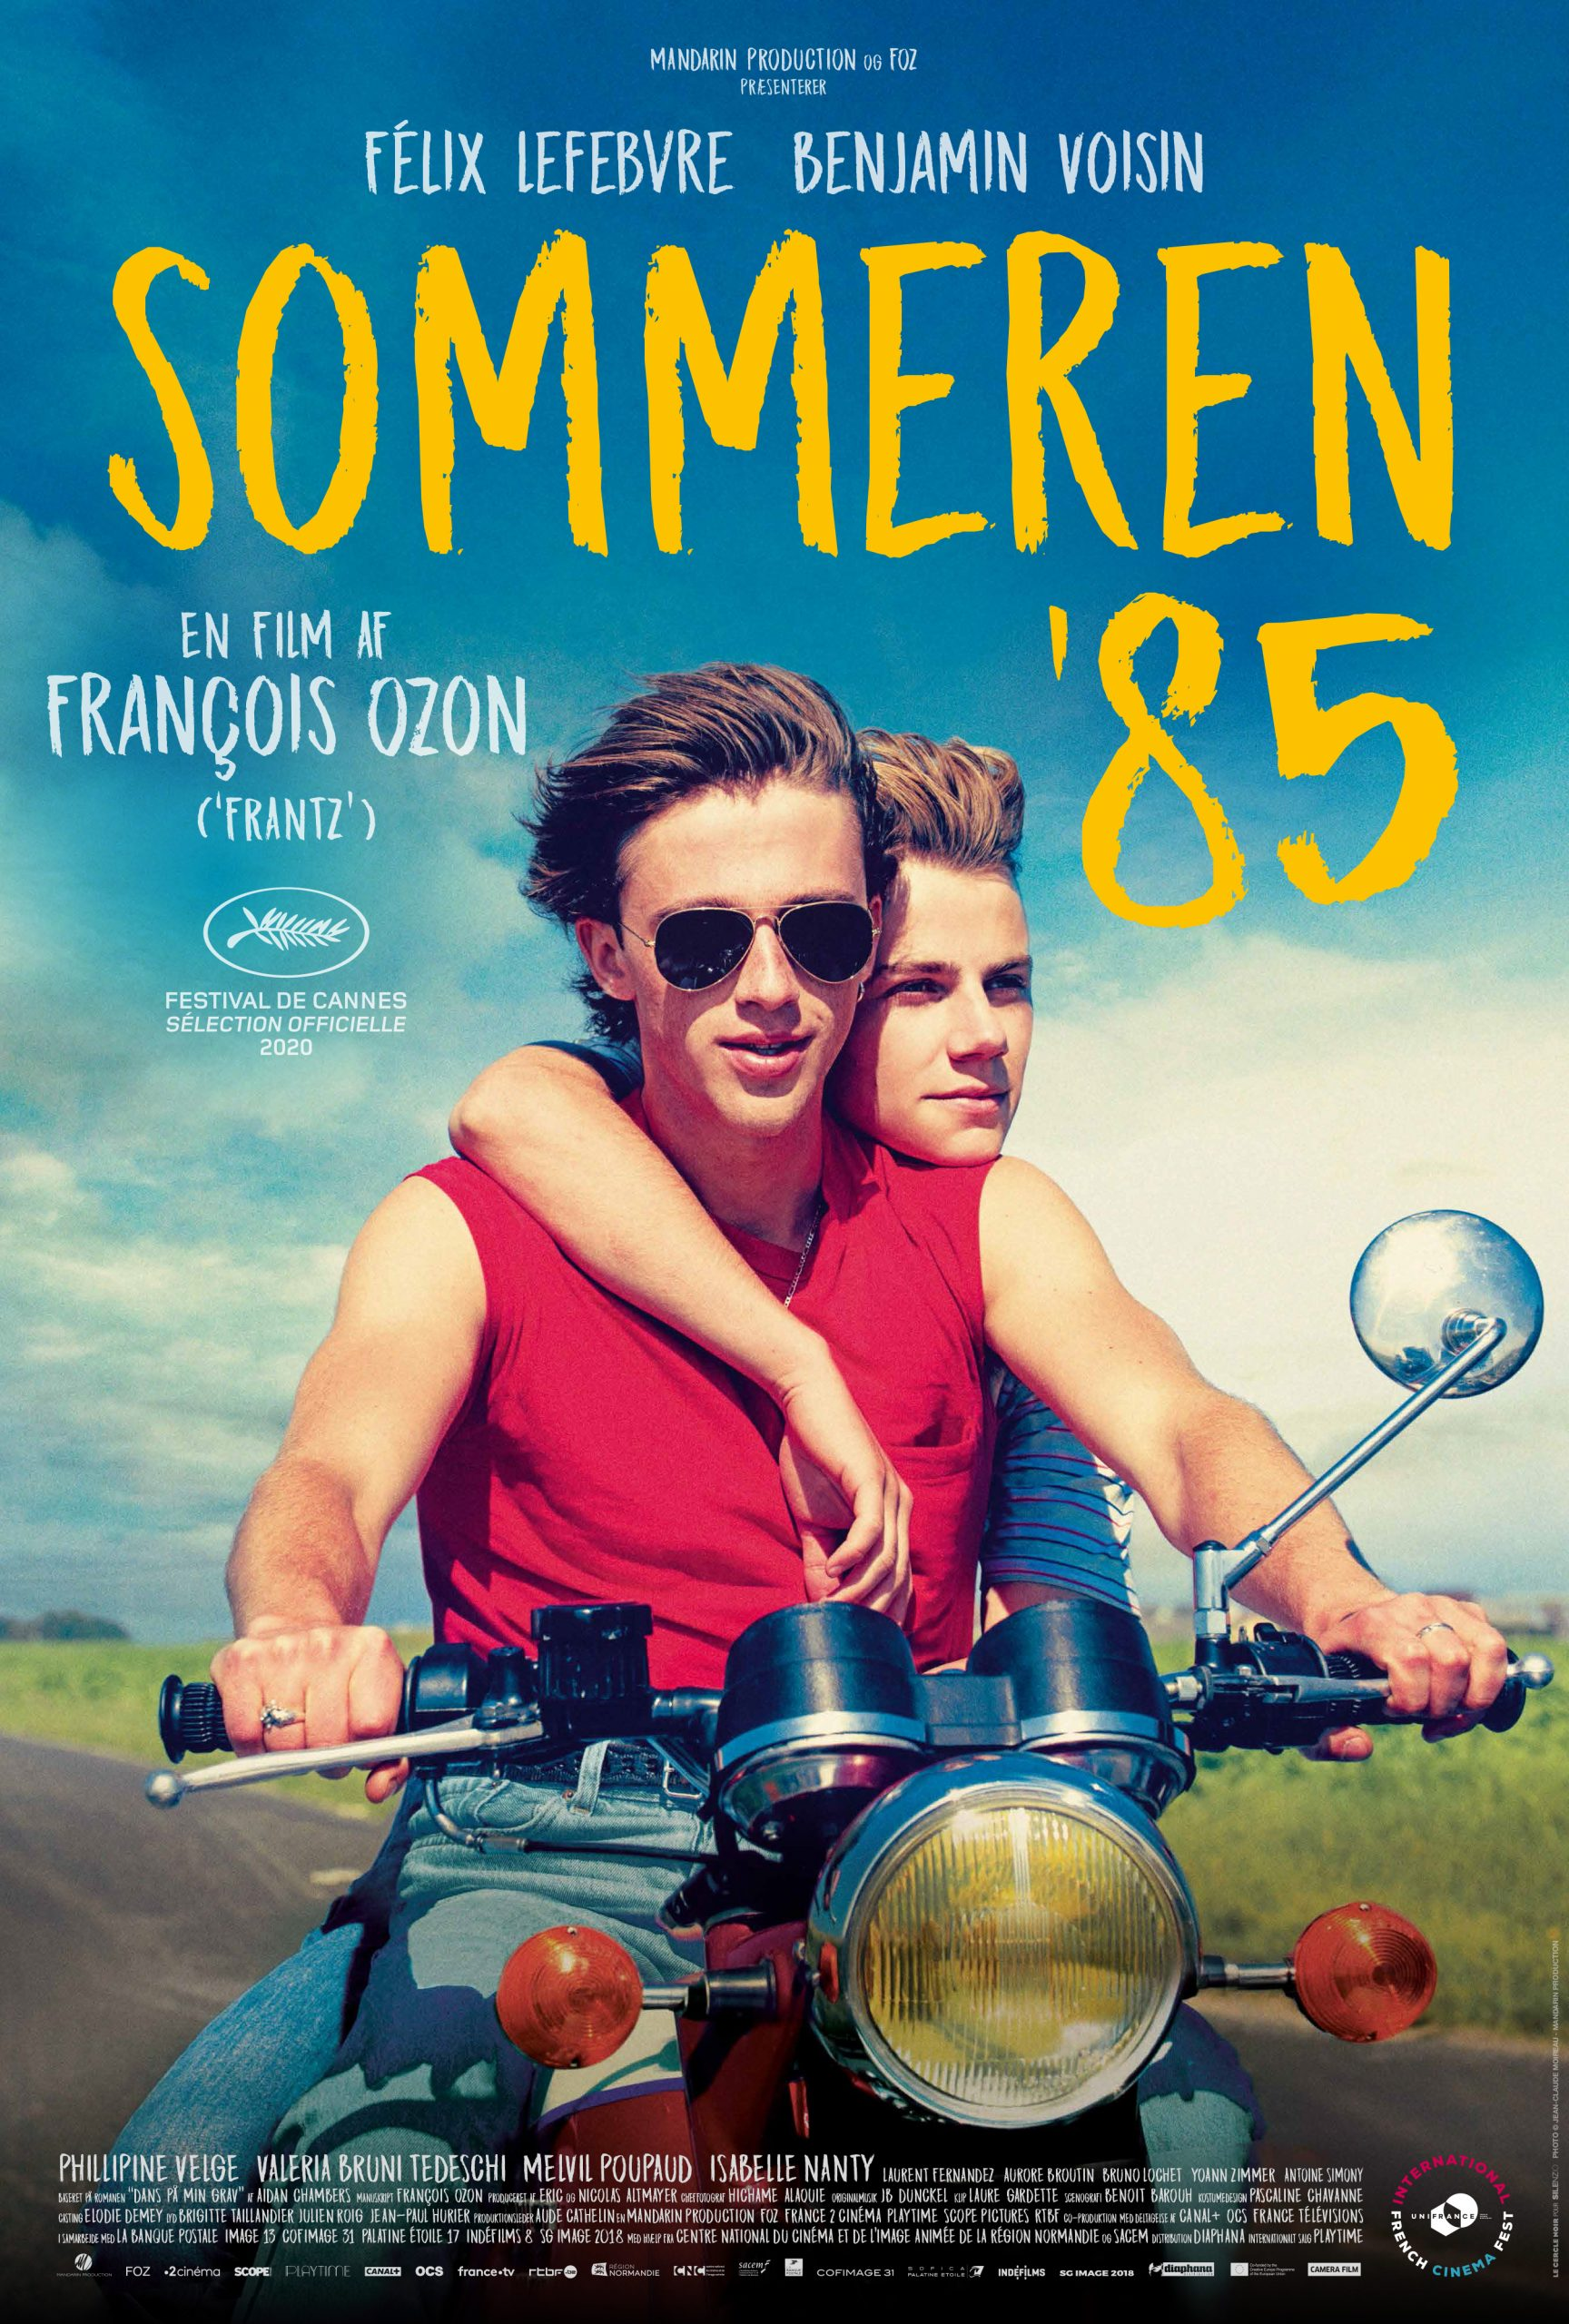 Sommeren-'85_poster